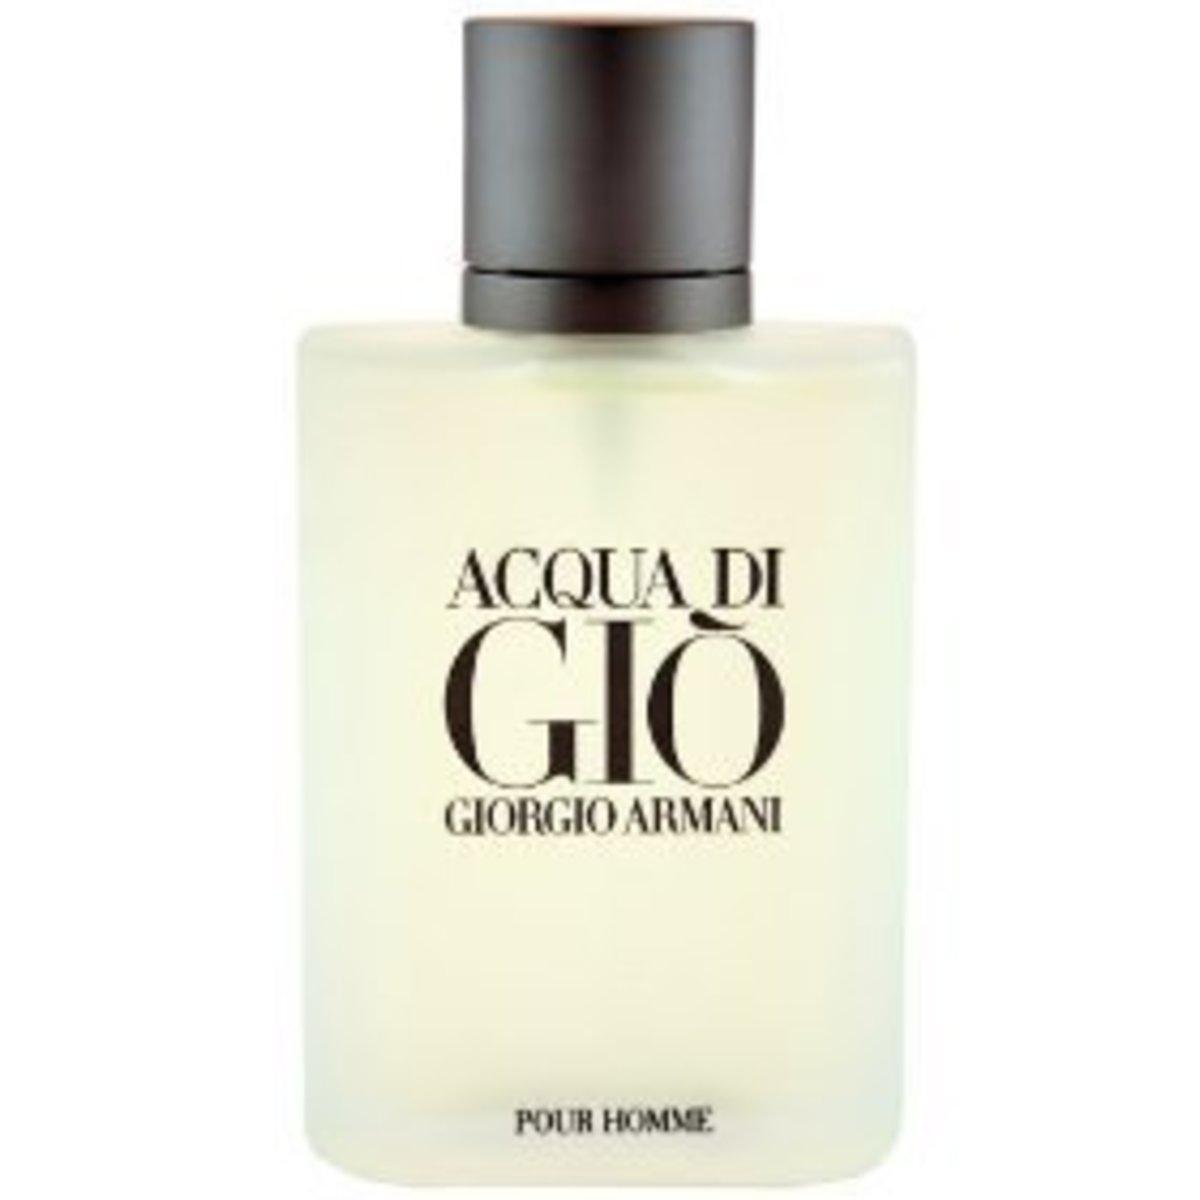 acqua-di-gioia-not-acqua-di-gio-for-women-sadly